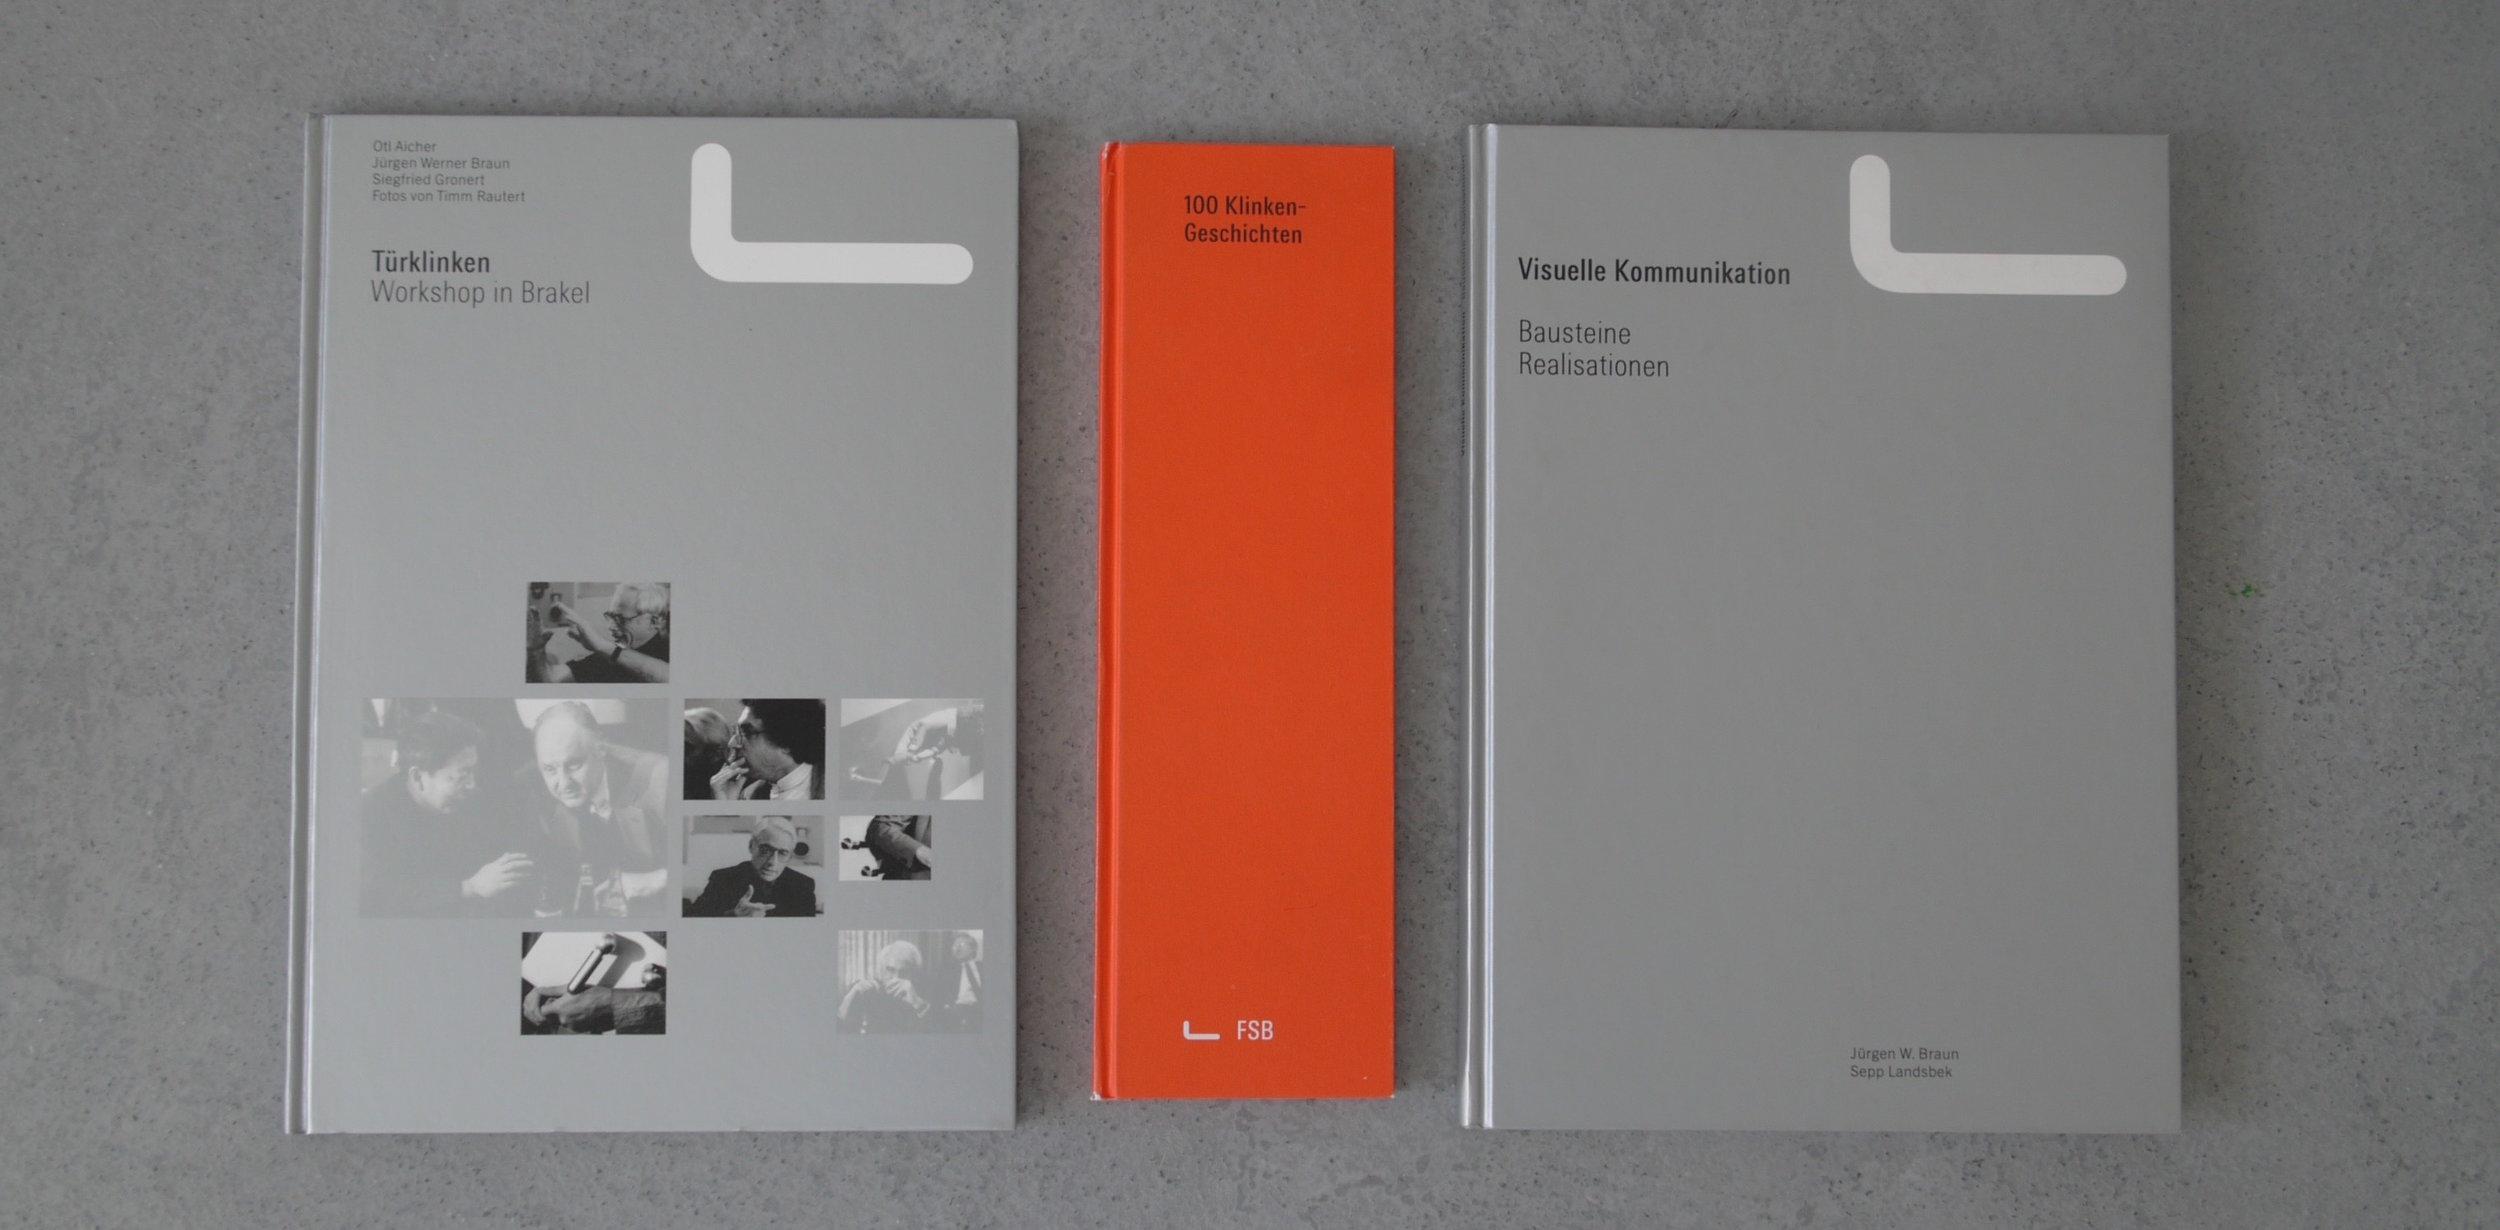 Publikationen für das Haus FSB in Zusammenarbeit mit otl aicher